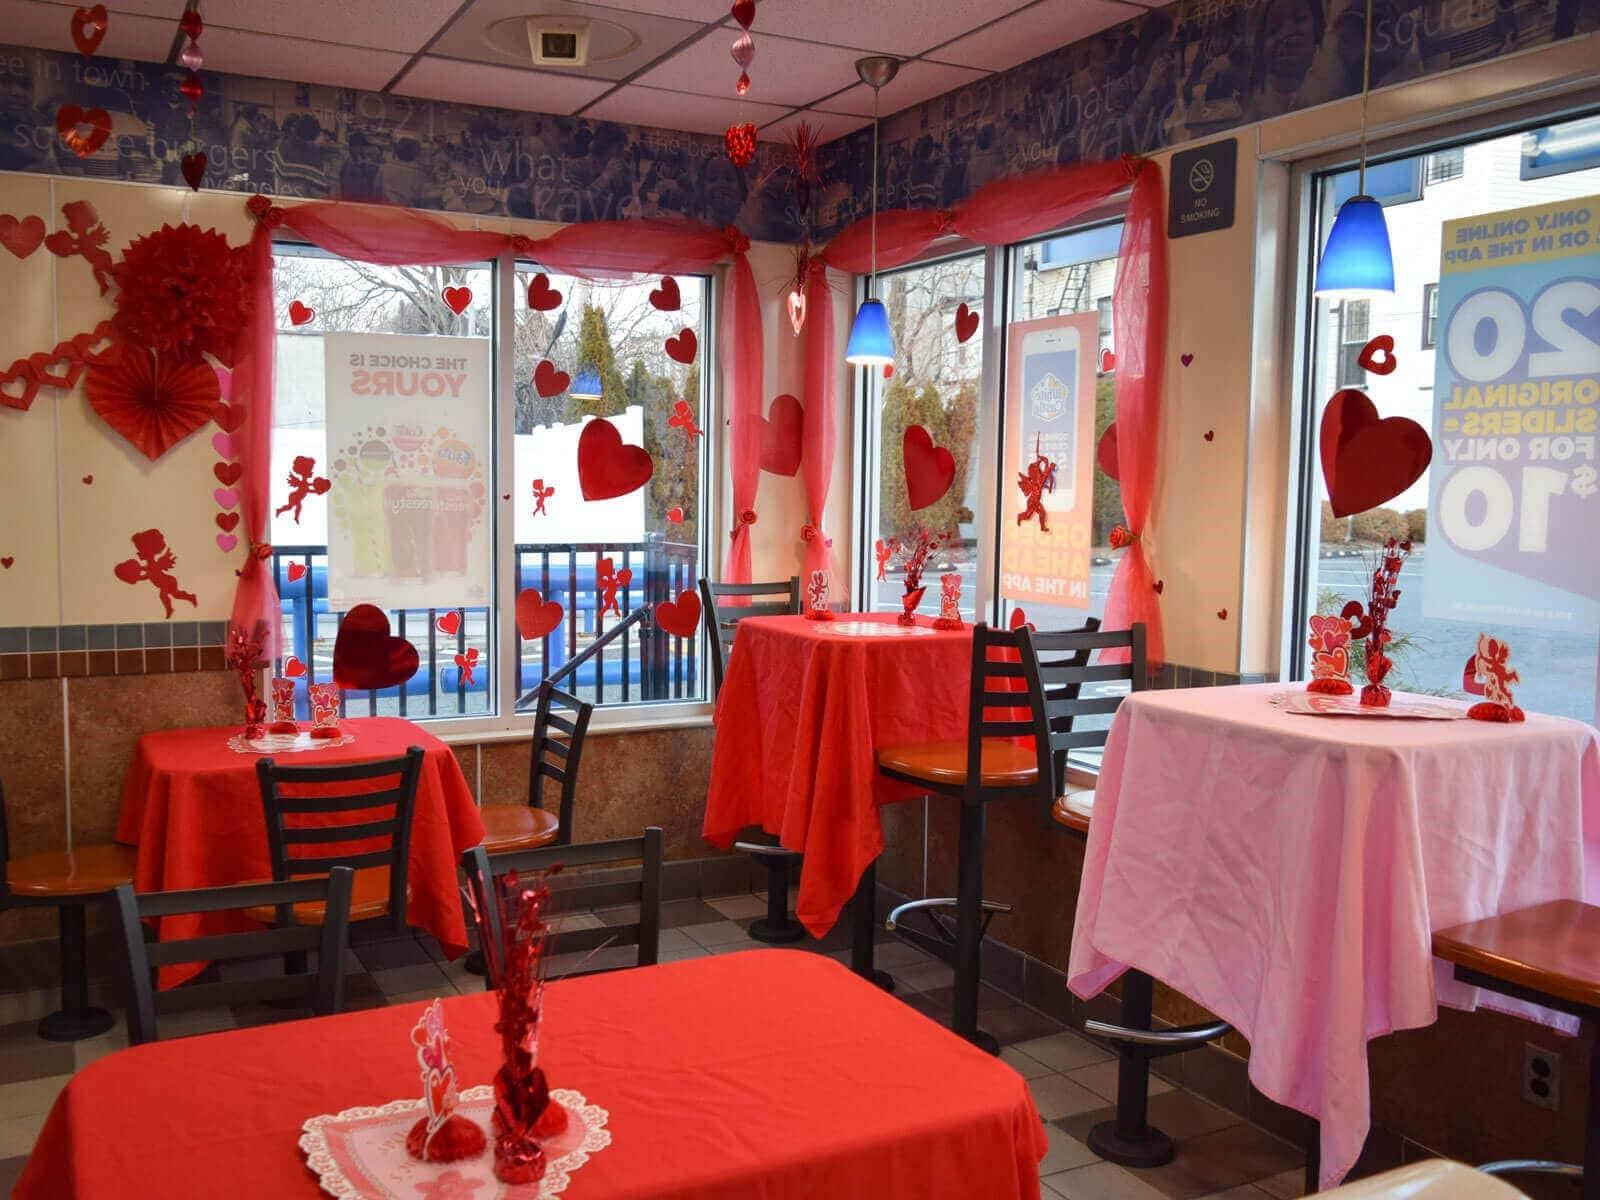 چیدمان یک رستوران به مناسبت ولنتاین